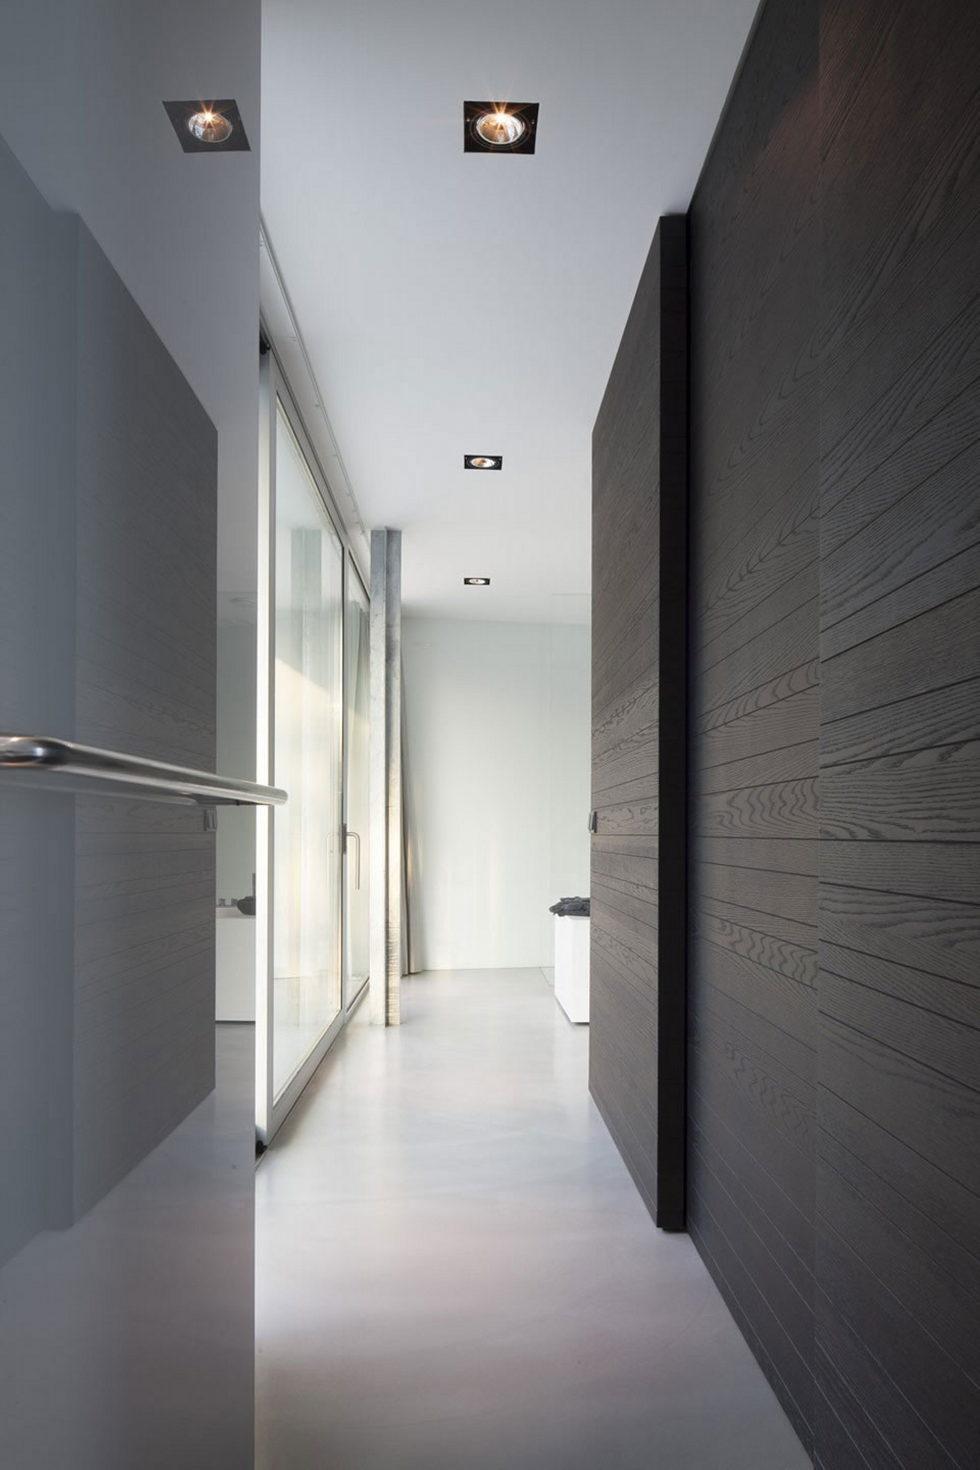 Spee Haelen Minimalism-Style Villa From Lab32 architecten Studio 22